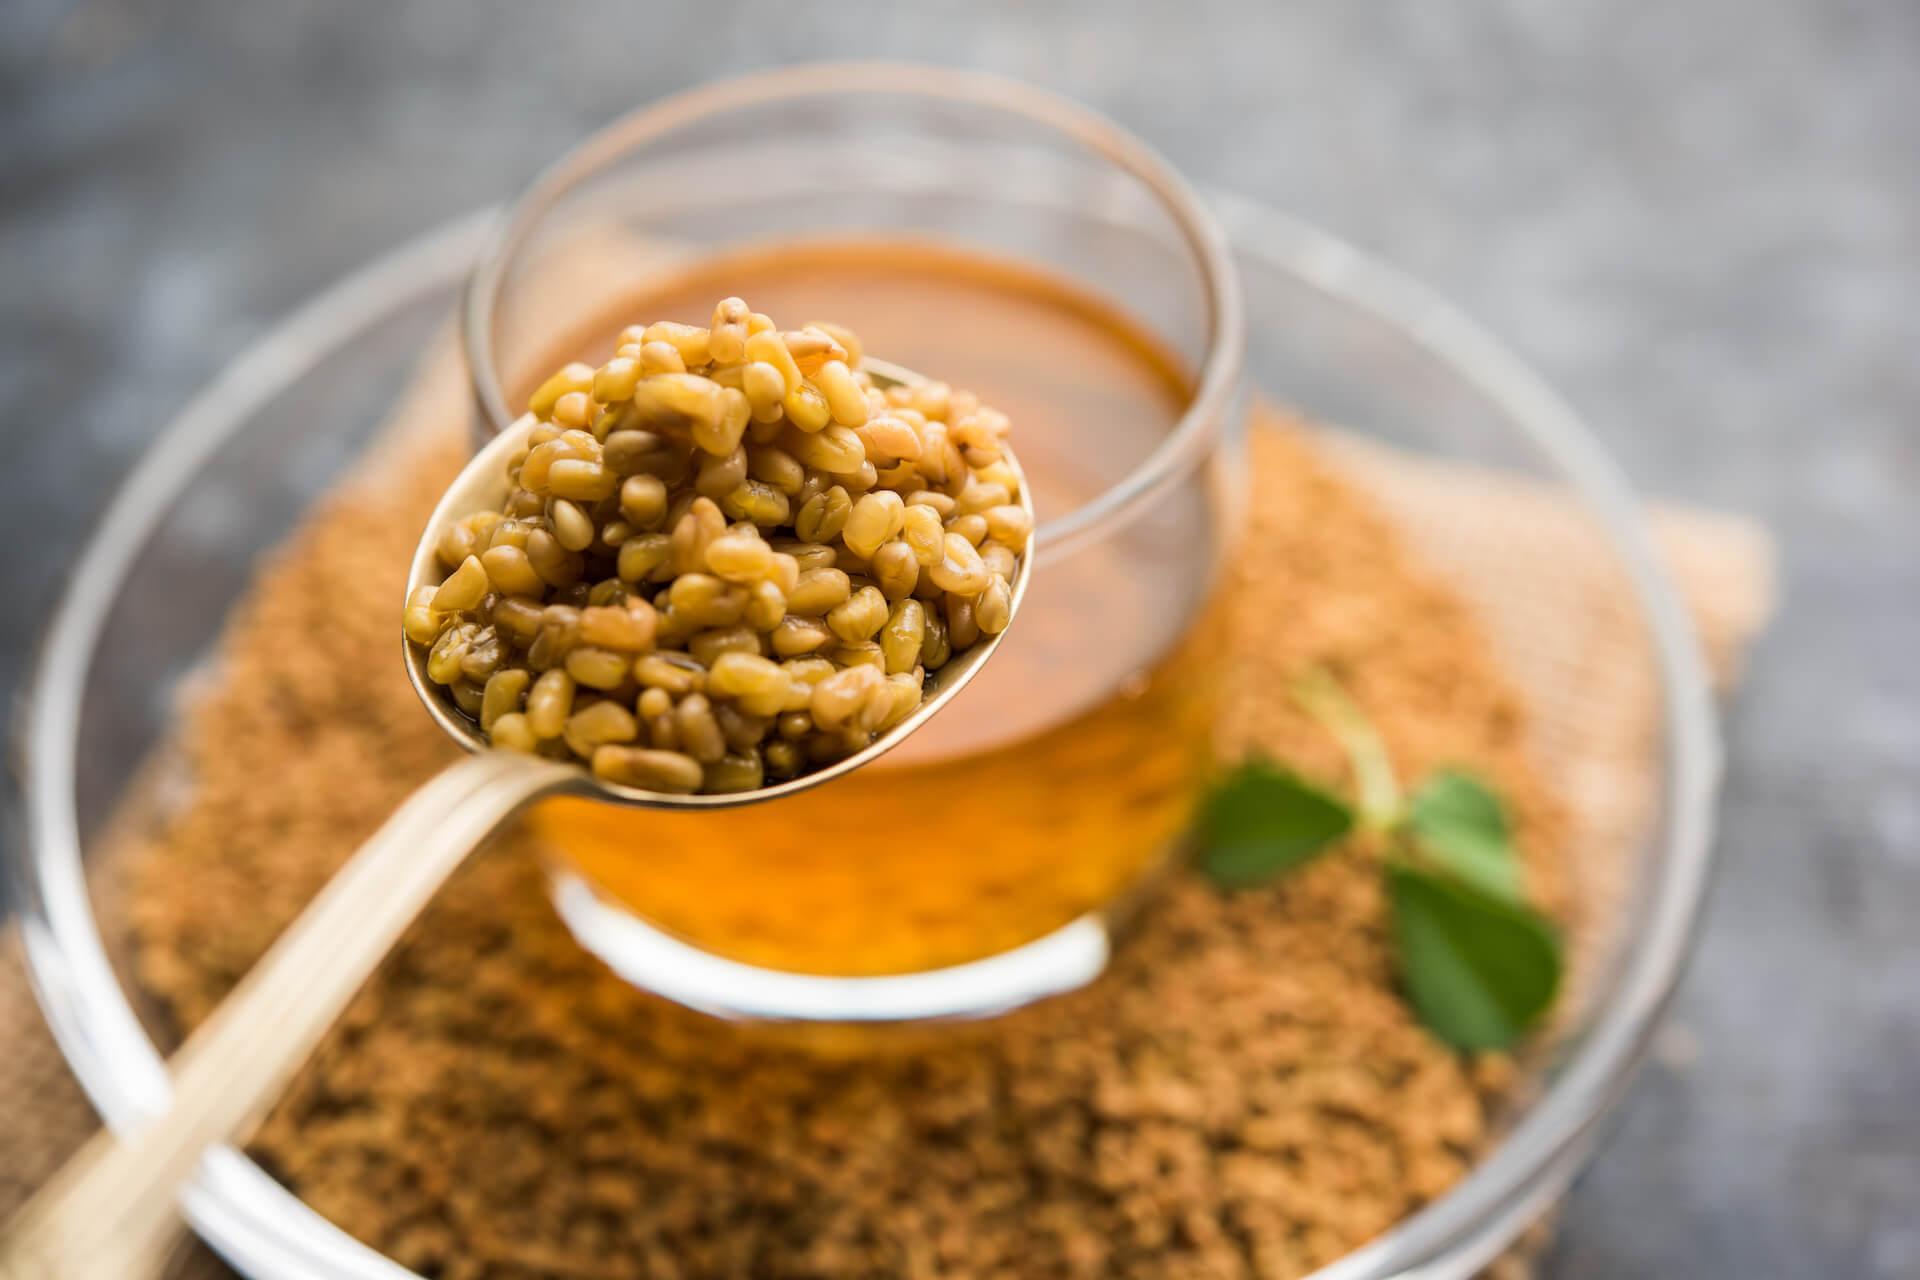 Sjemenke piskavice na žlici iznad namočenih sjemenki piskavice u zdjeli